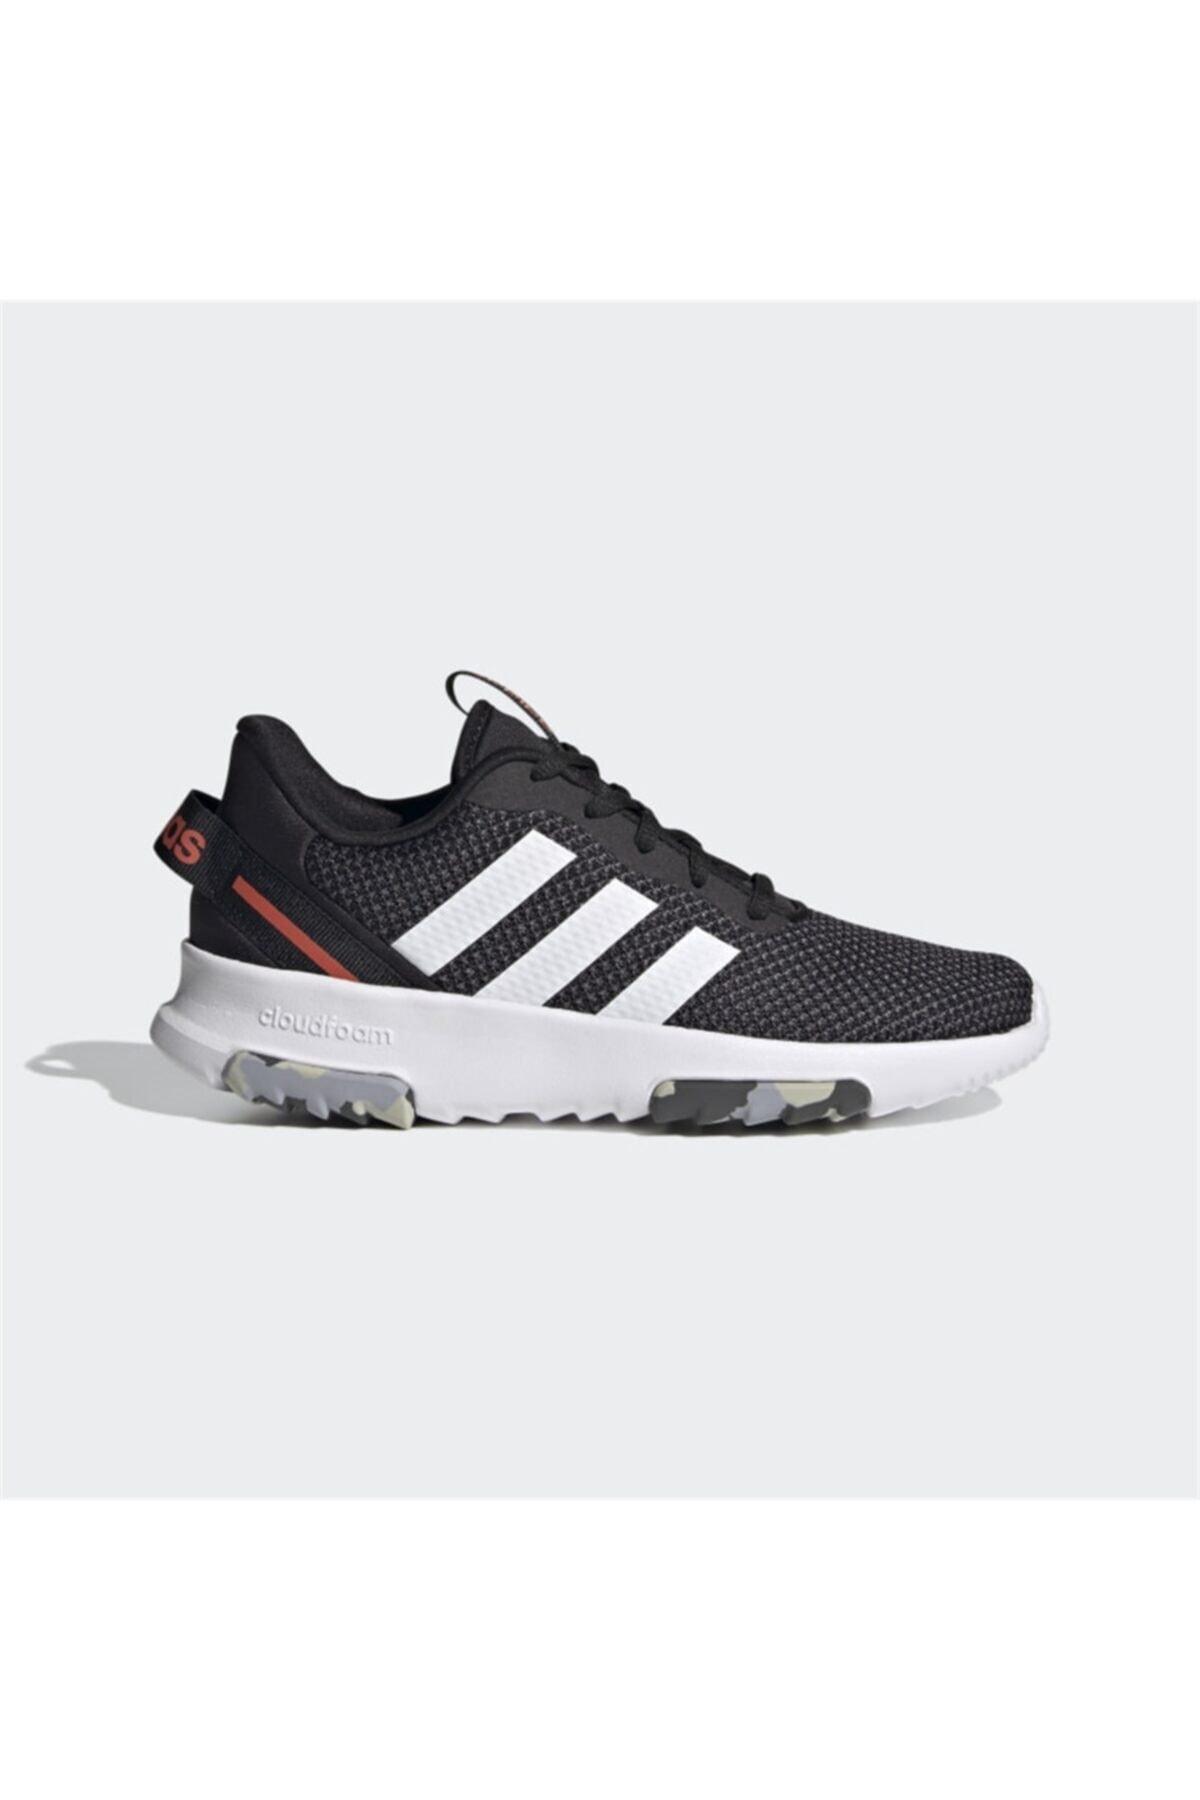 adidas Erkek Çocuk Koşu - Yürüyüş Ayakkabı Racer Tr 2.0 K Fy9484 1